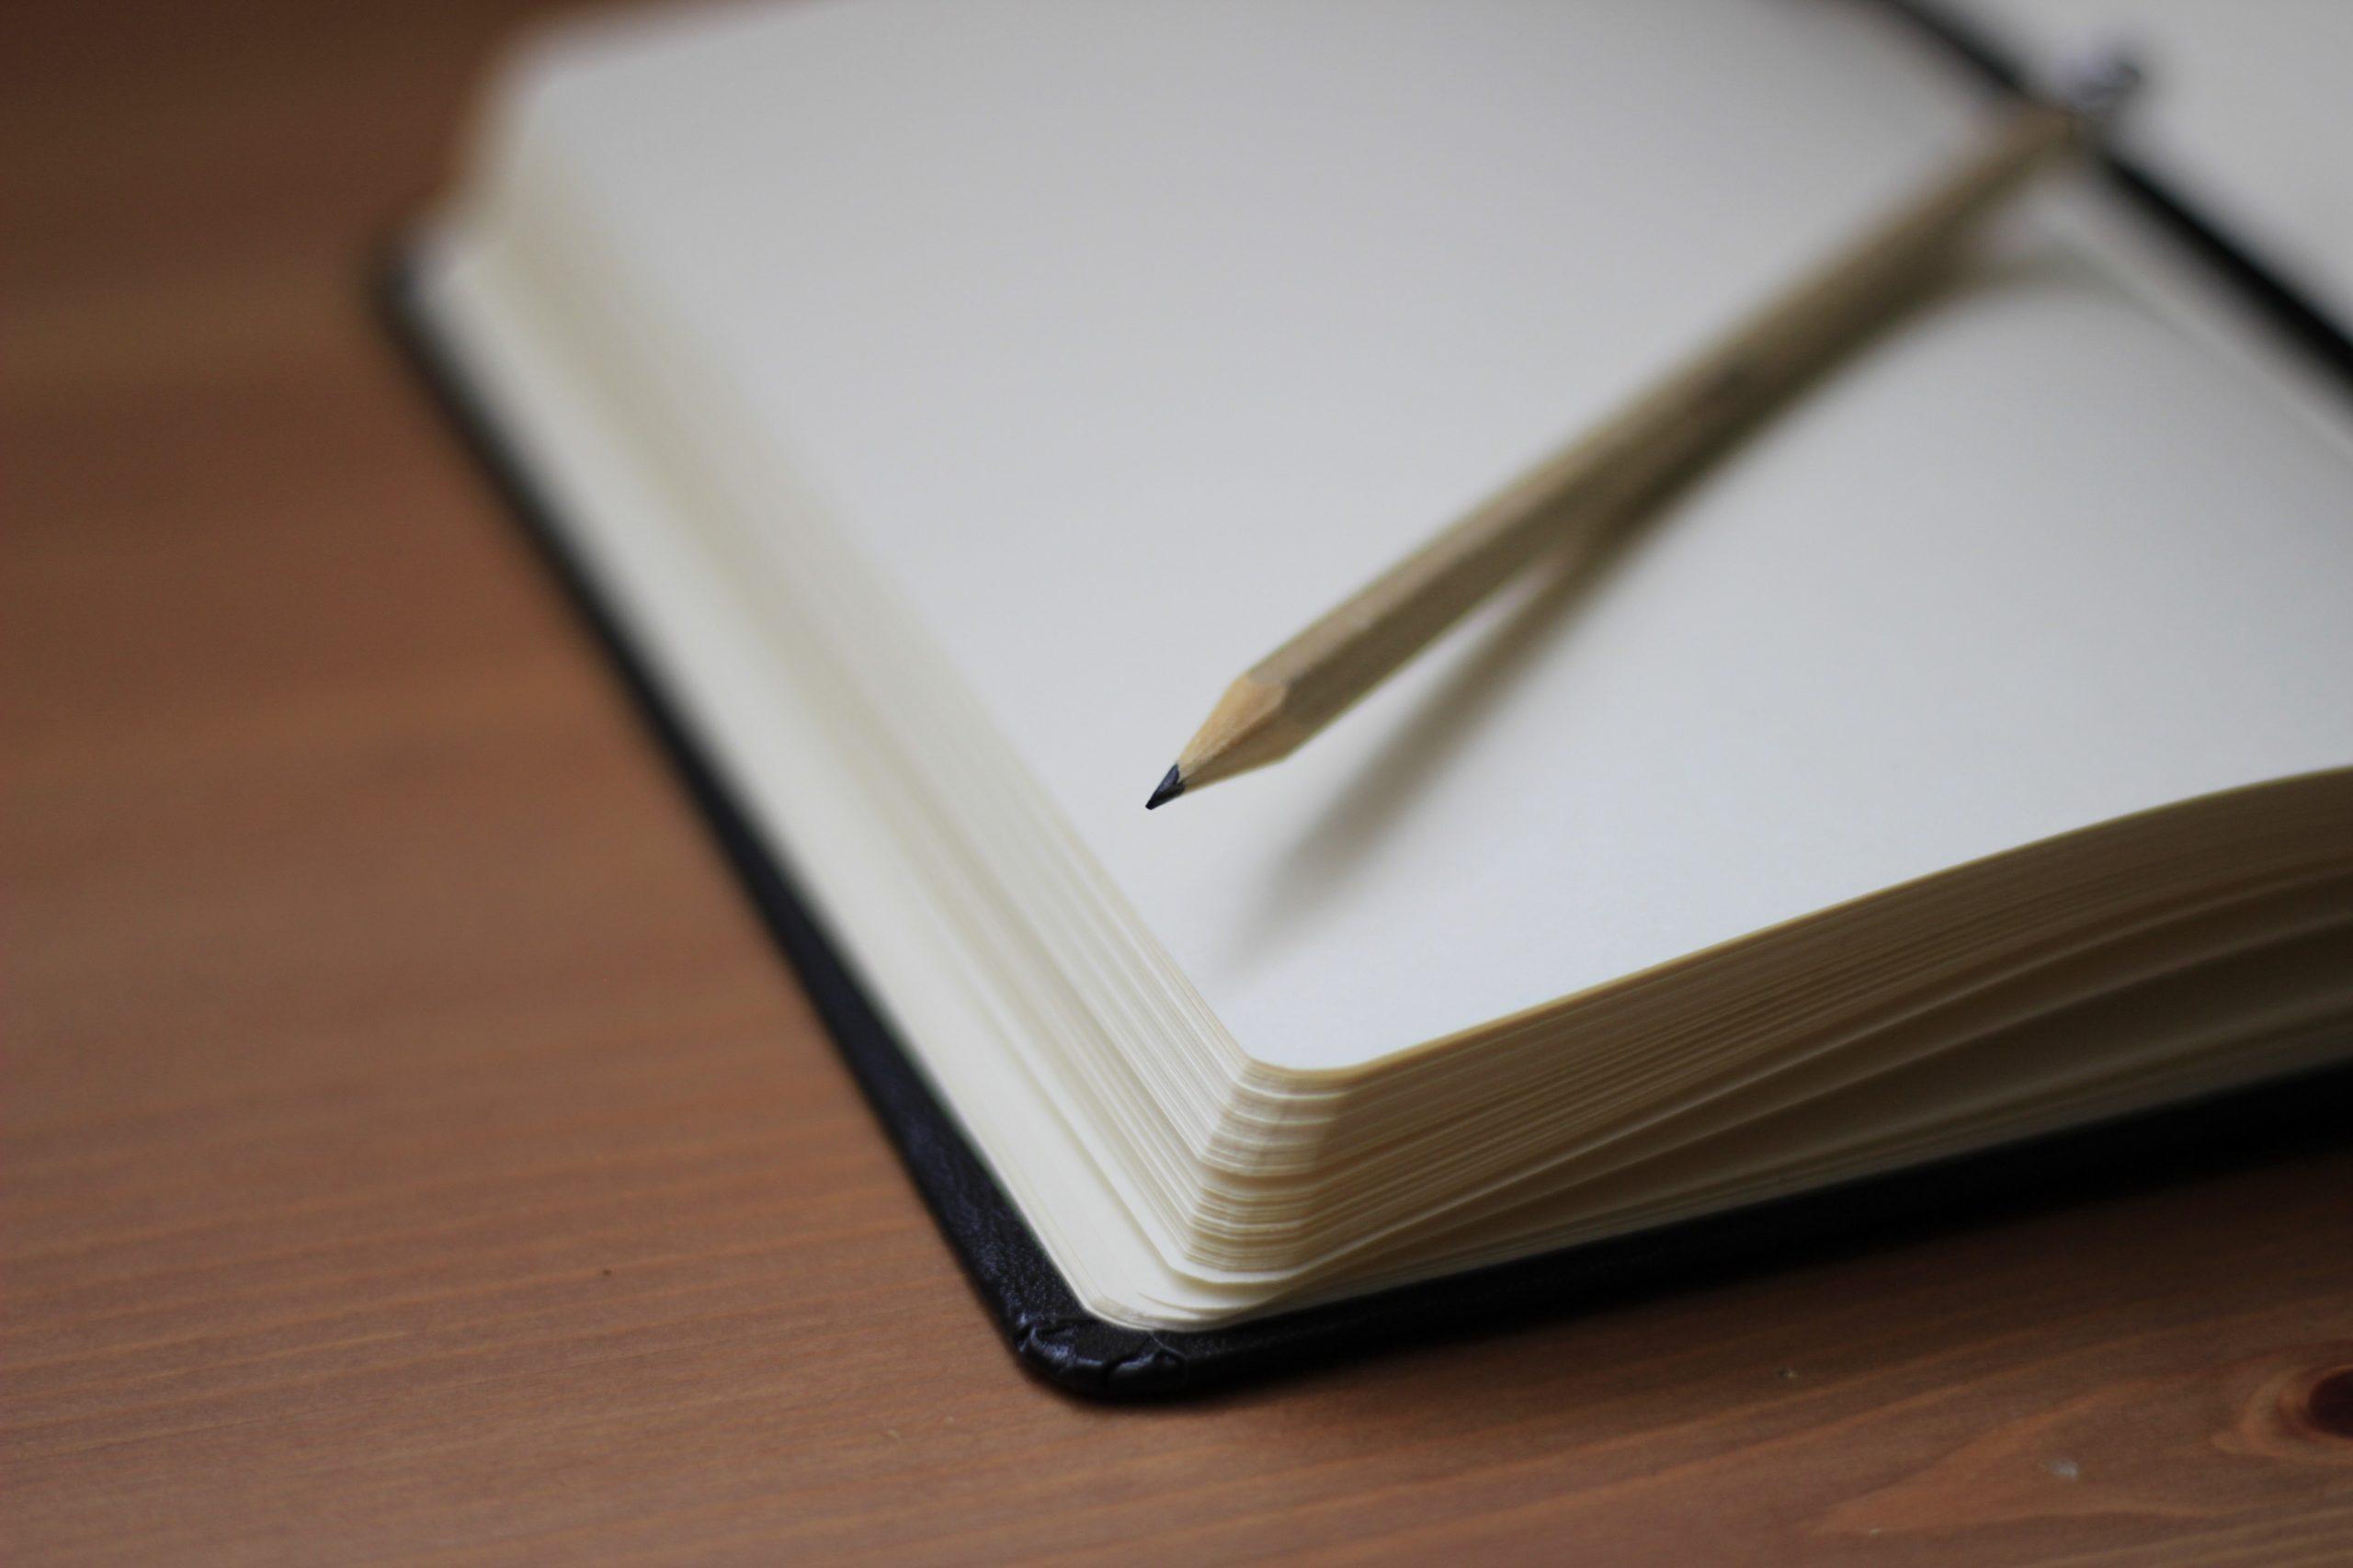 博客5: 写作